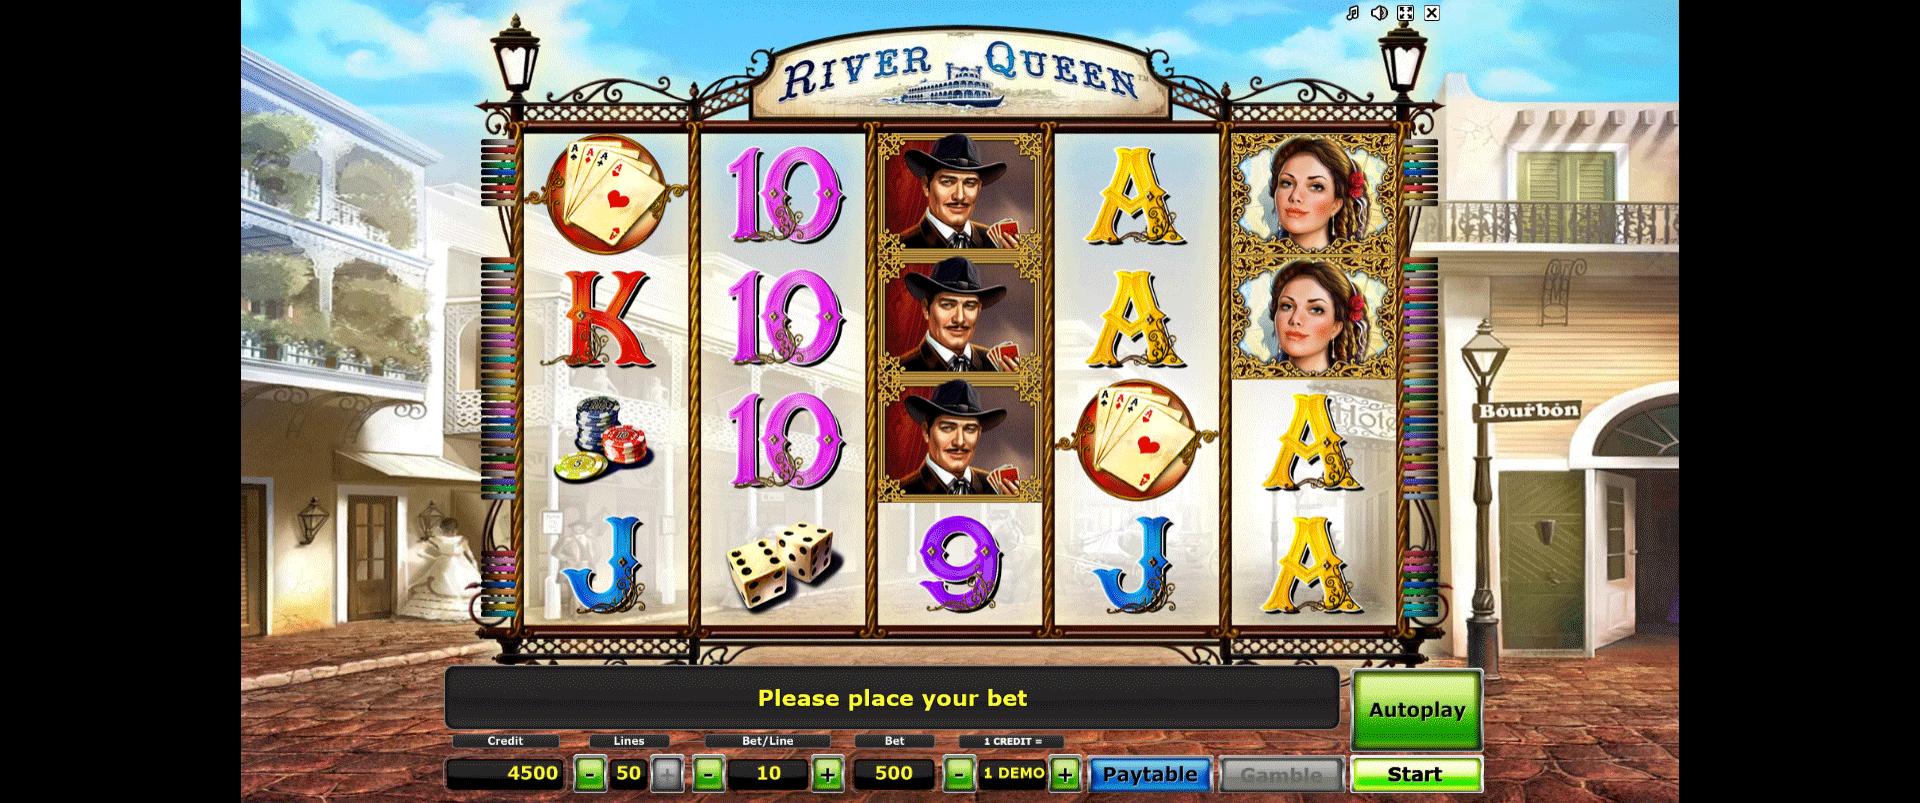 River Queen Gratis